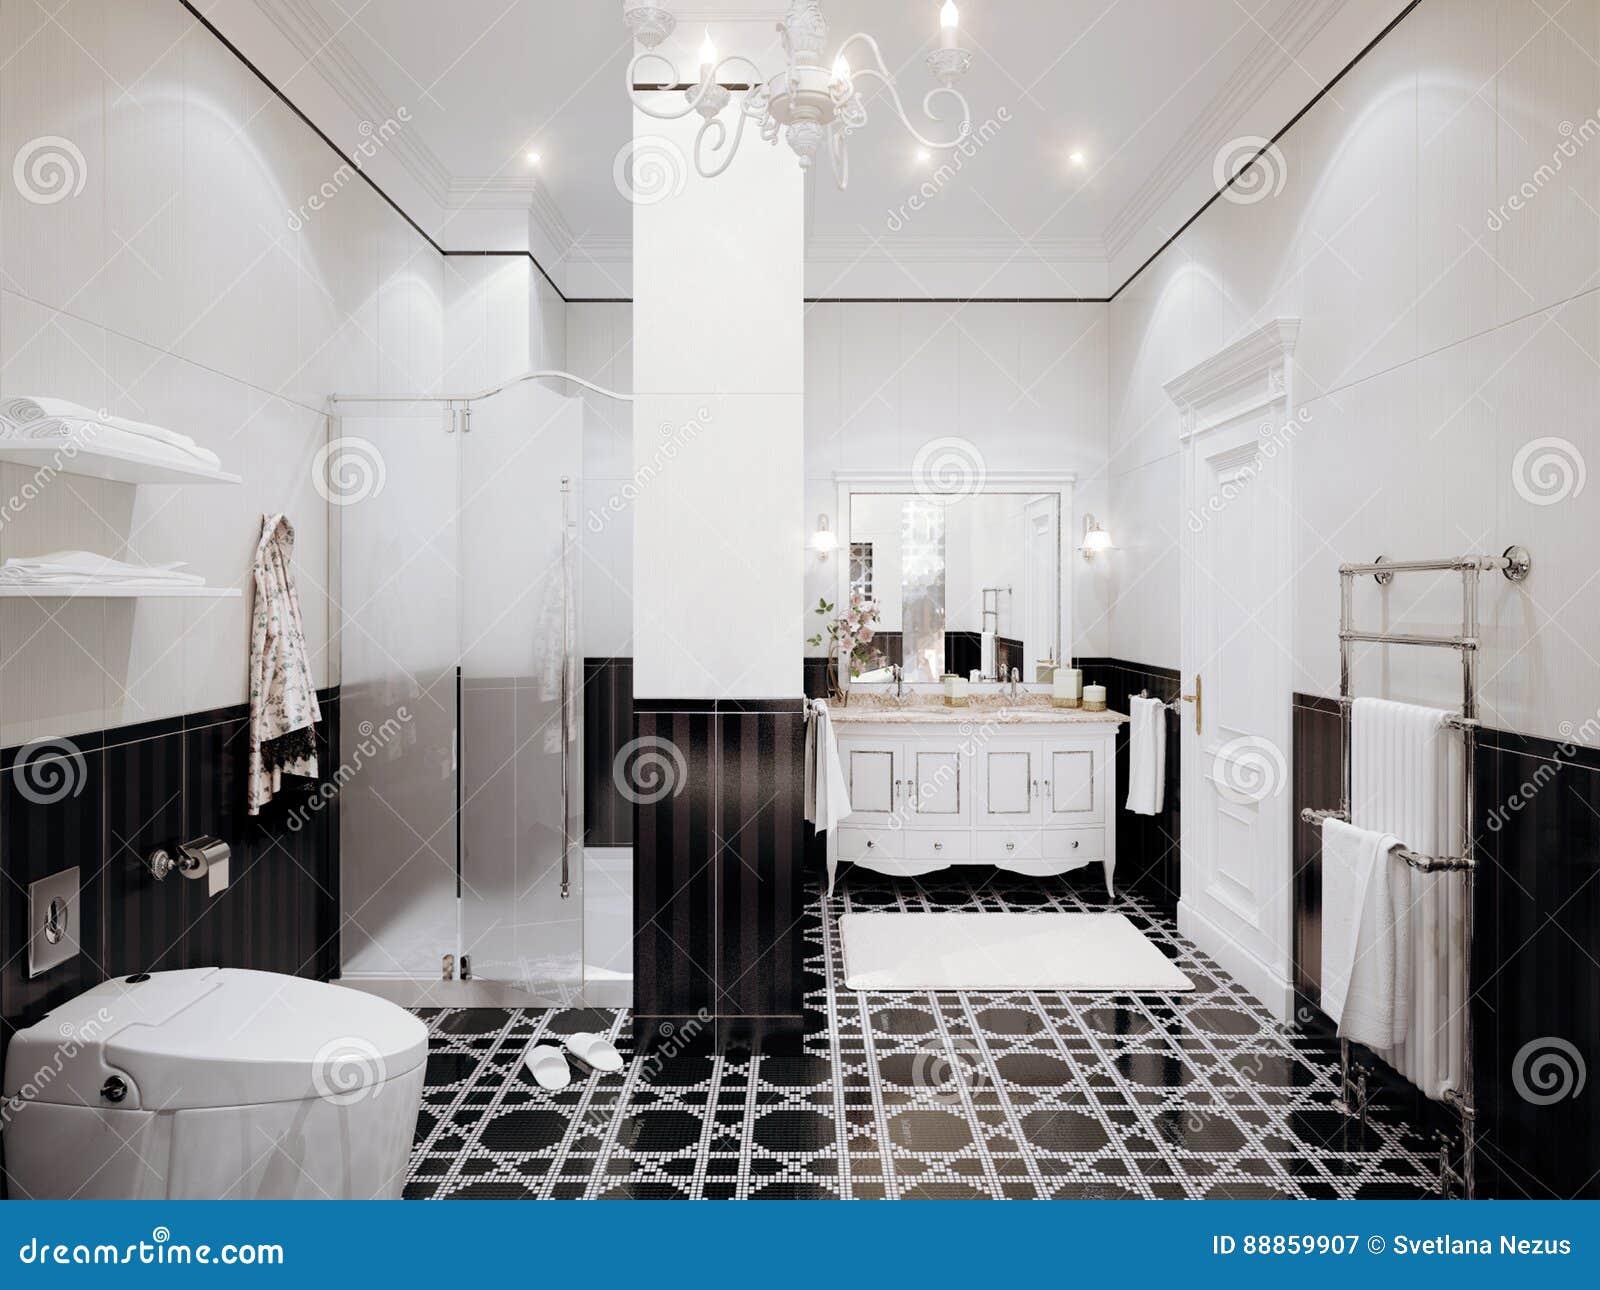 Bagni Classici Con Mosaico.Interior Design Classico Del Bagno Con Le Mattonelle Bianche E Nere